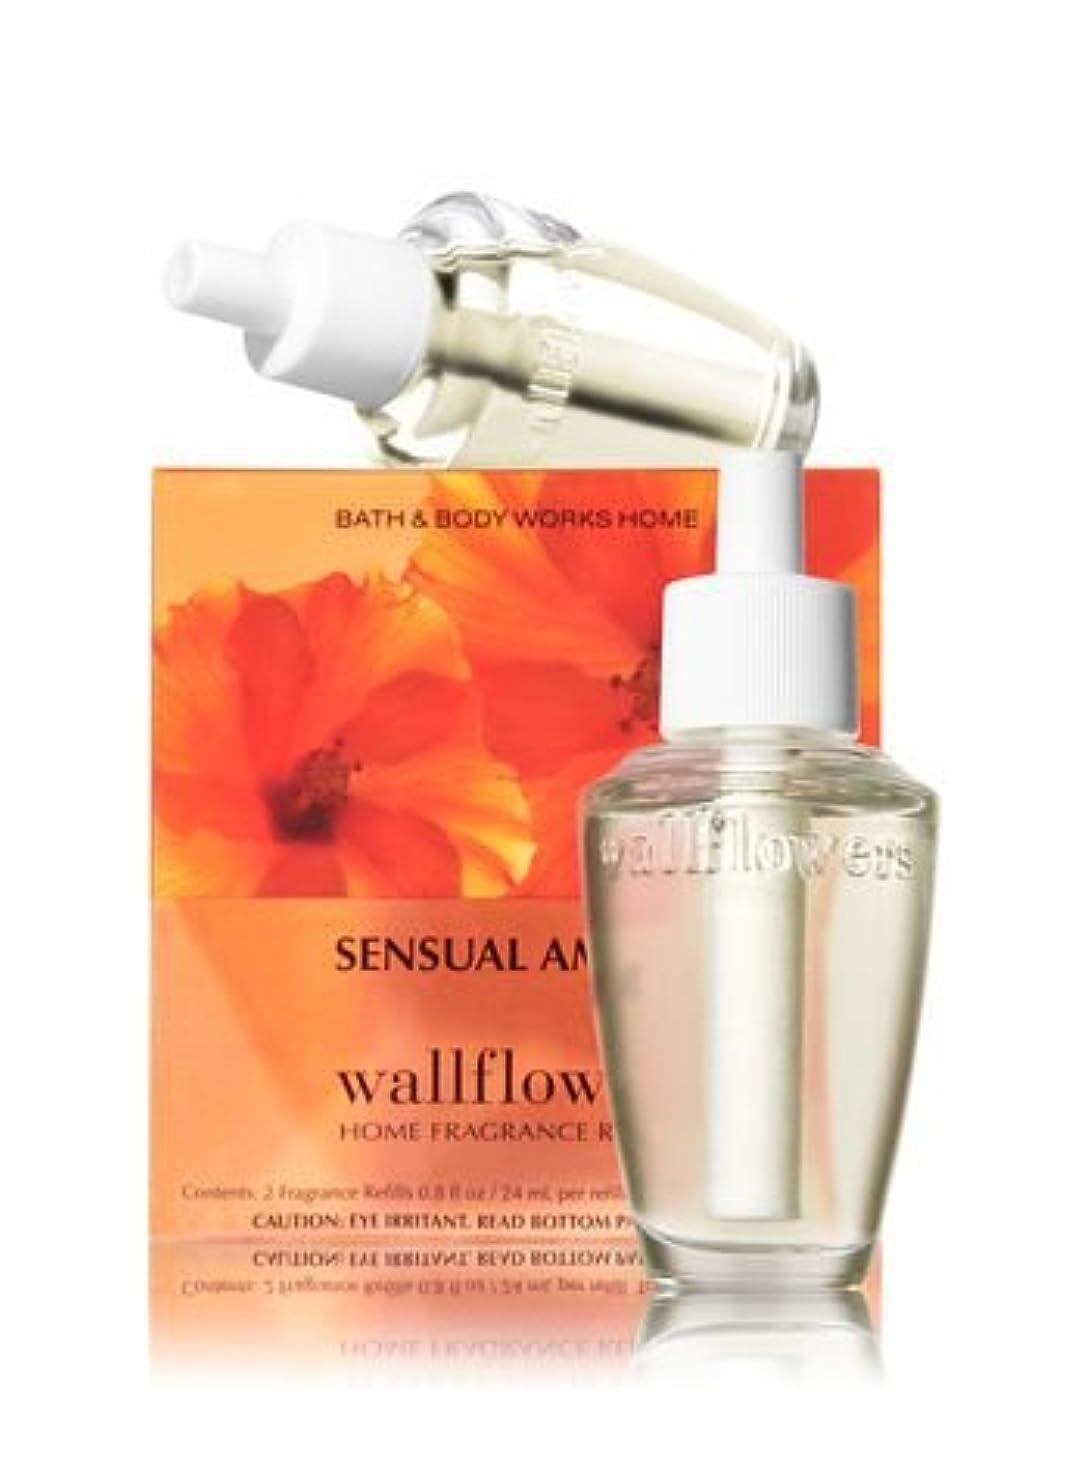 解明別れるかもしれない【Bath&Body Works/バス&ボディワークス】 ルームフレグランス 詰替えリフィル(2個入り) センシュアルアンバー Wallflowers Home Fragrance 2-Pack Refills Sensual Amber [並行輸入品]